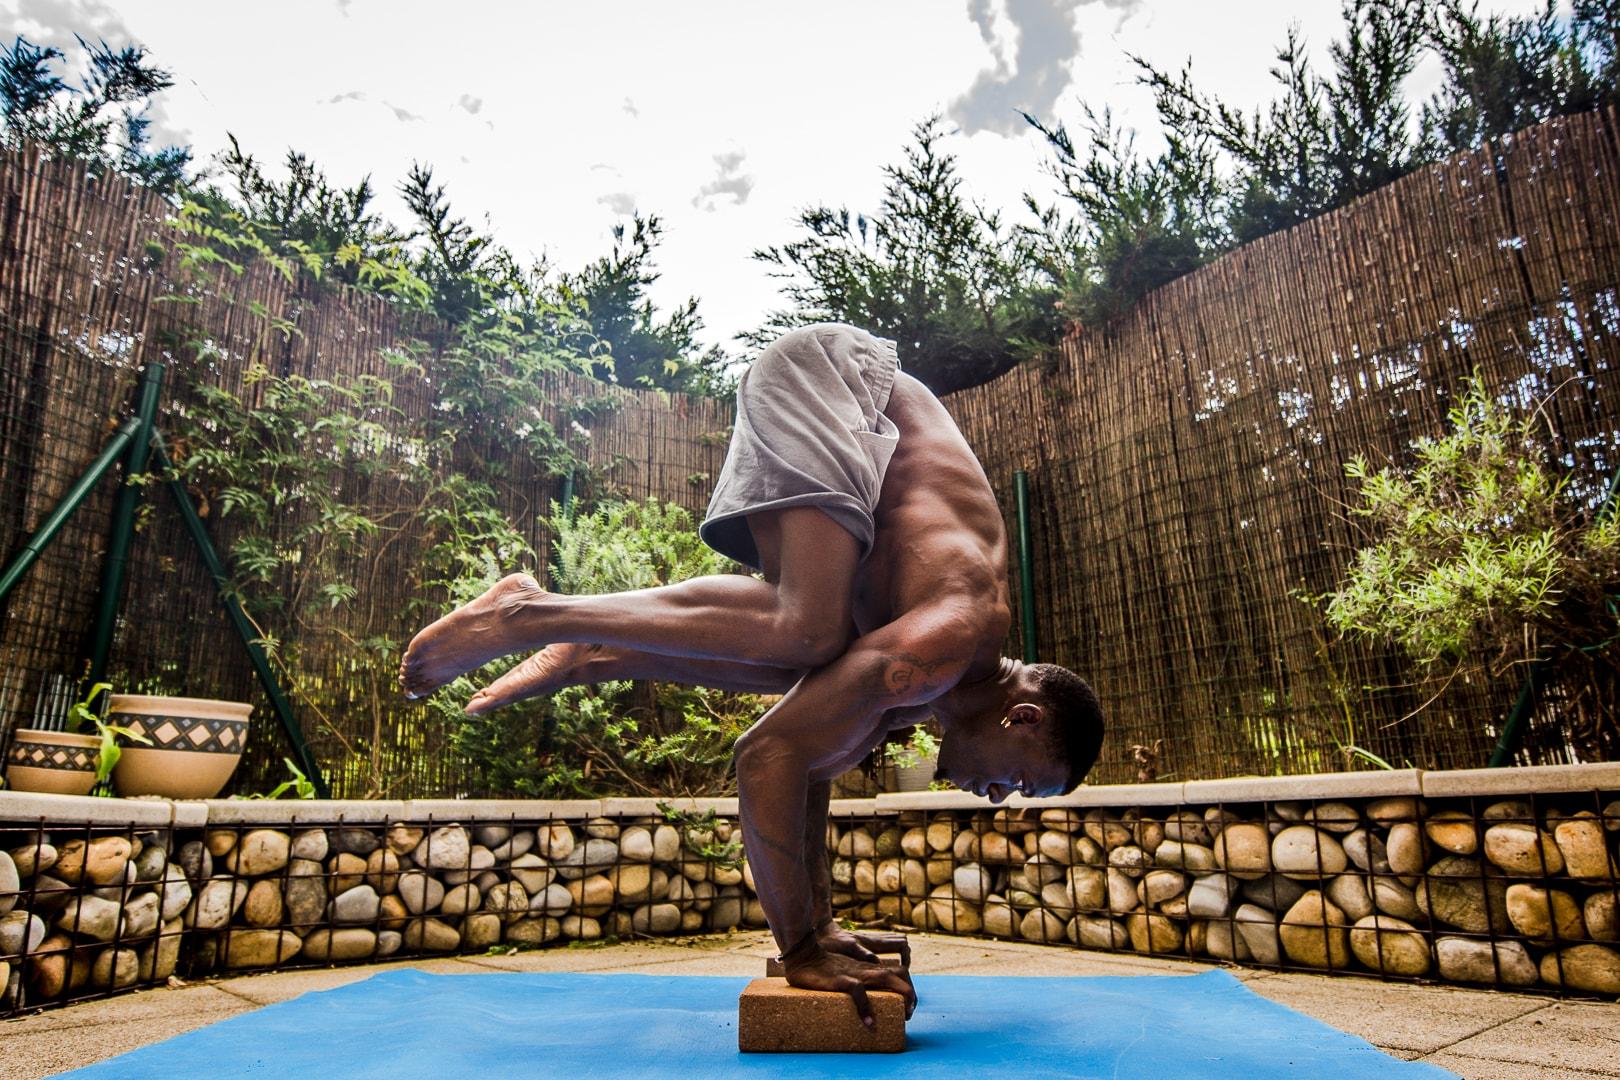 trezors-photography-photographe-professionnel-toulouse-31-sport-lifestyle-yoga-namastay.jpg